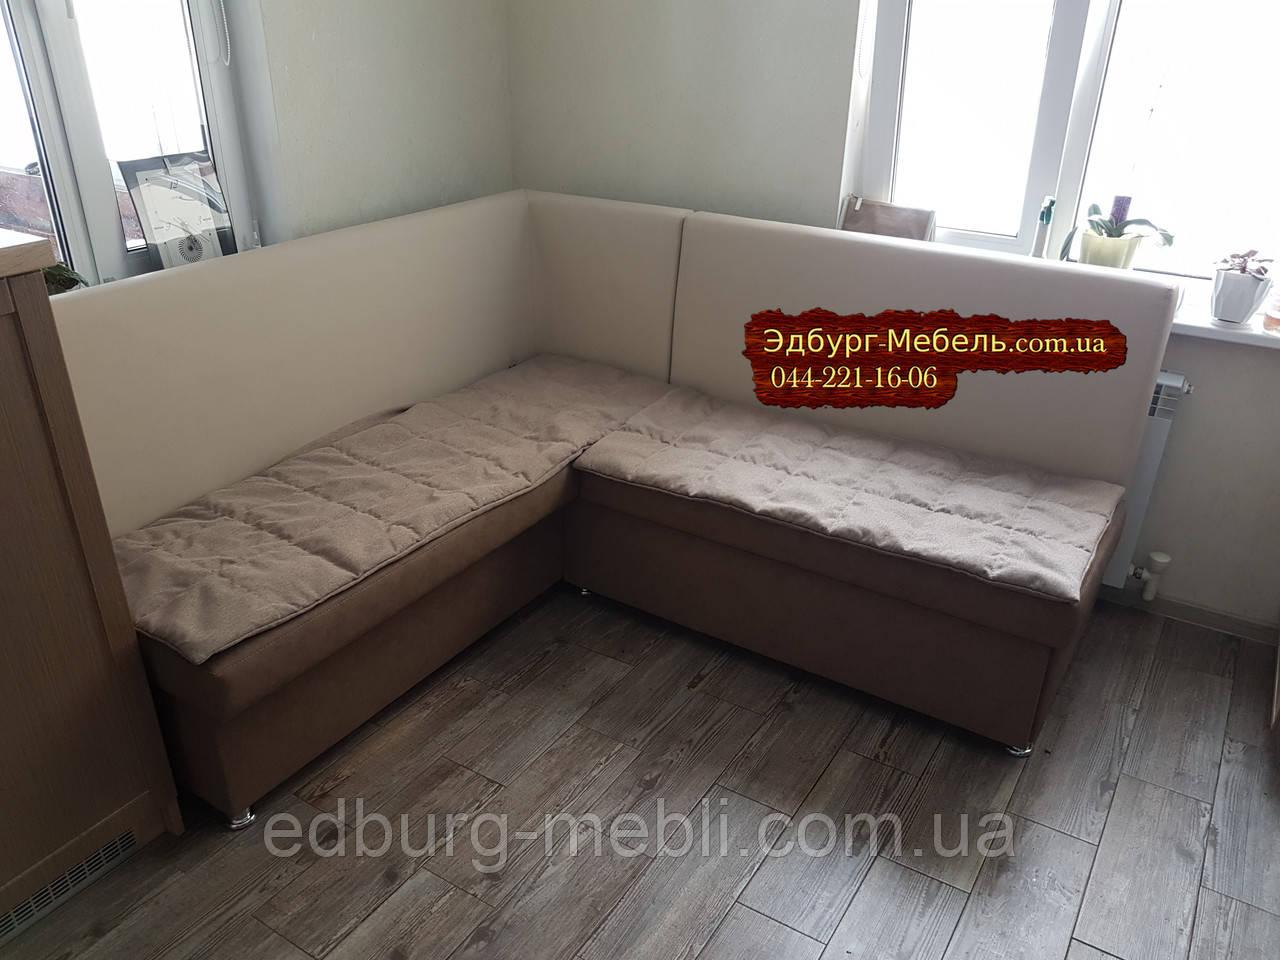 Кухонный уголок на заказ Киев - Эдбург-мебель производcтво мягкой мебели  в Киеве